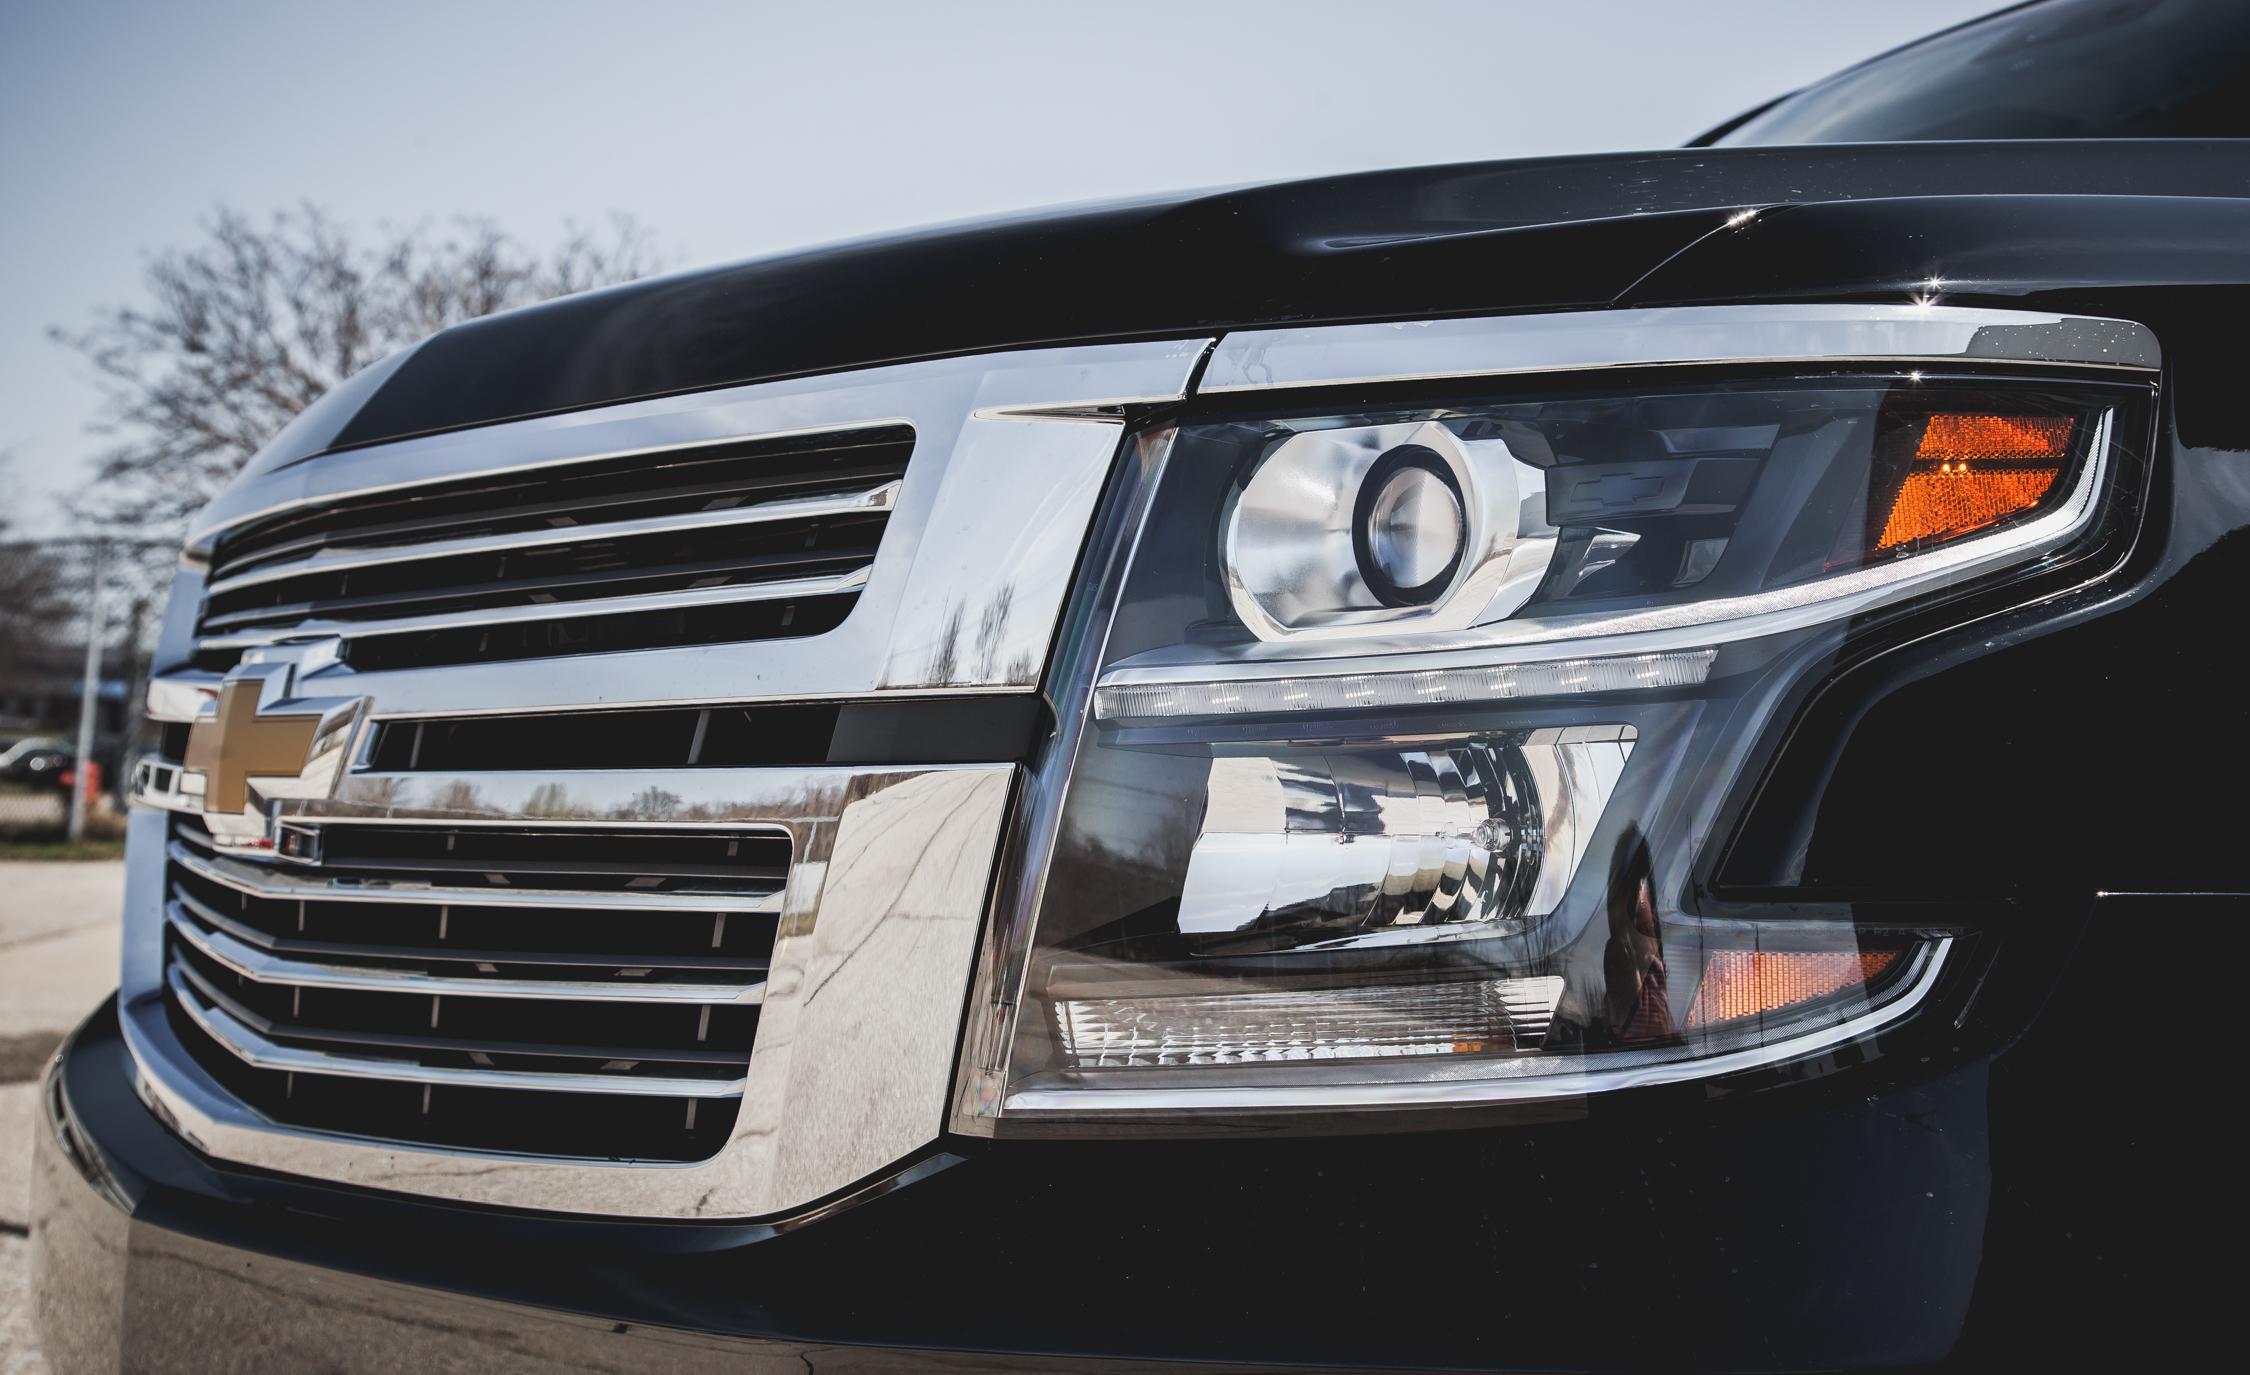 2015 Chevrolet Suburban LTZ Exterior Headlight